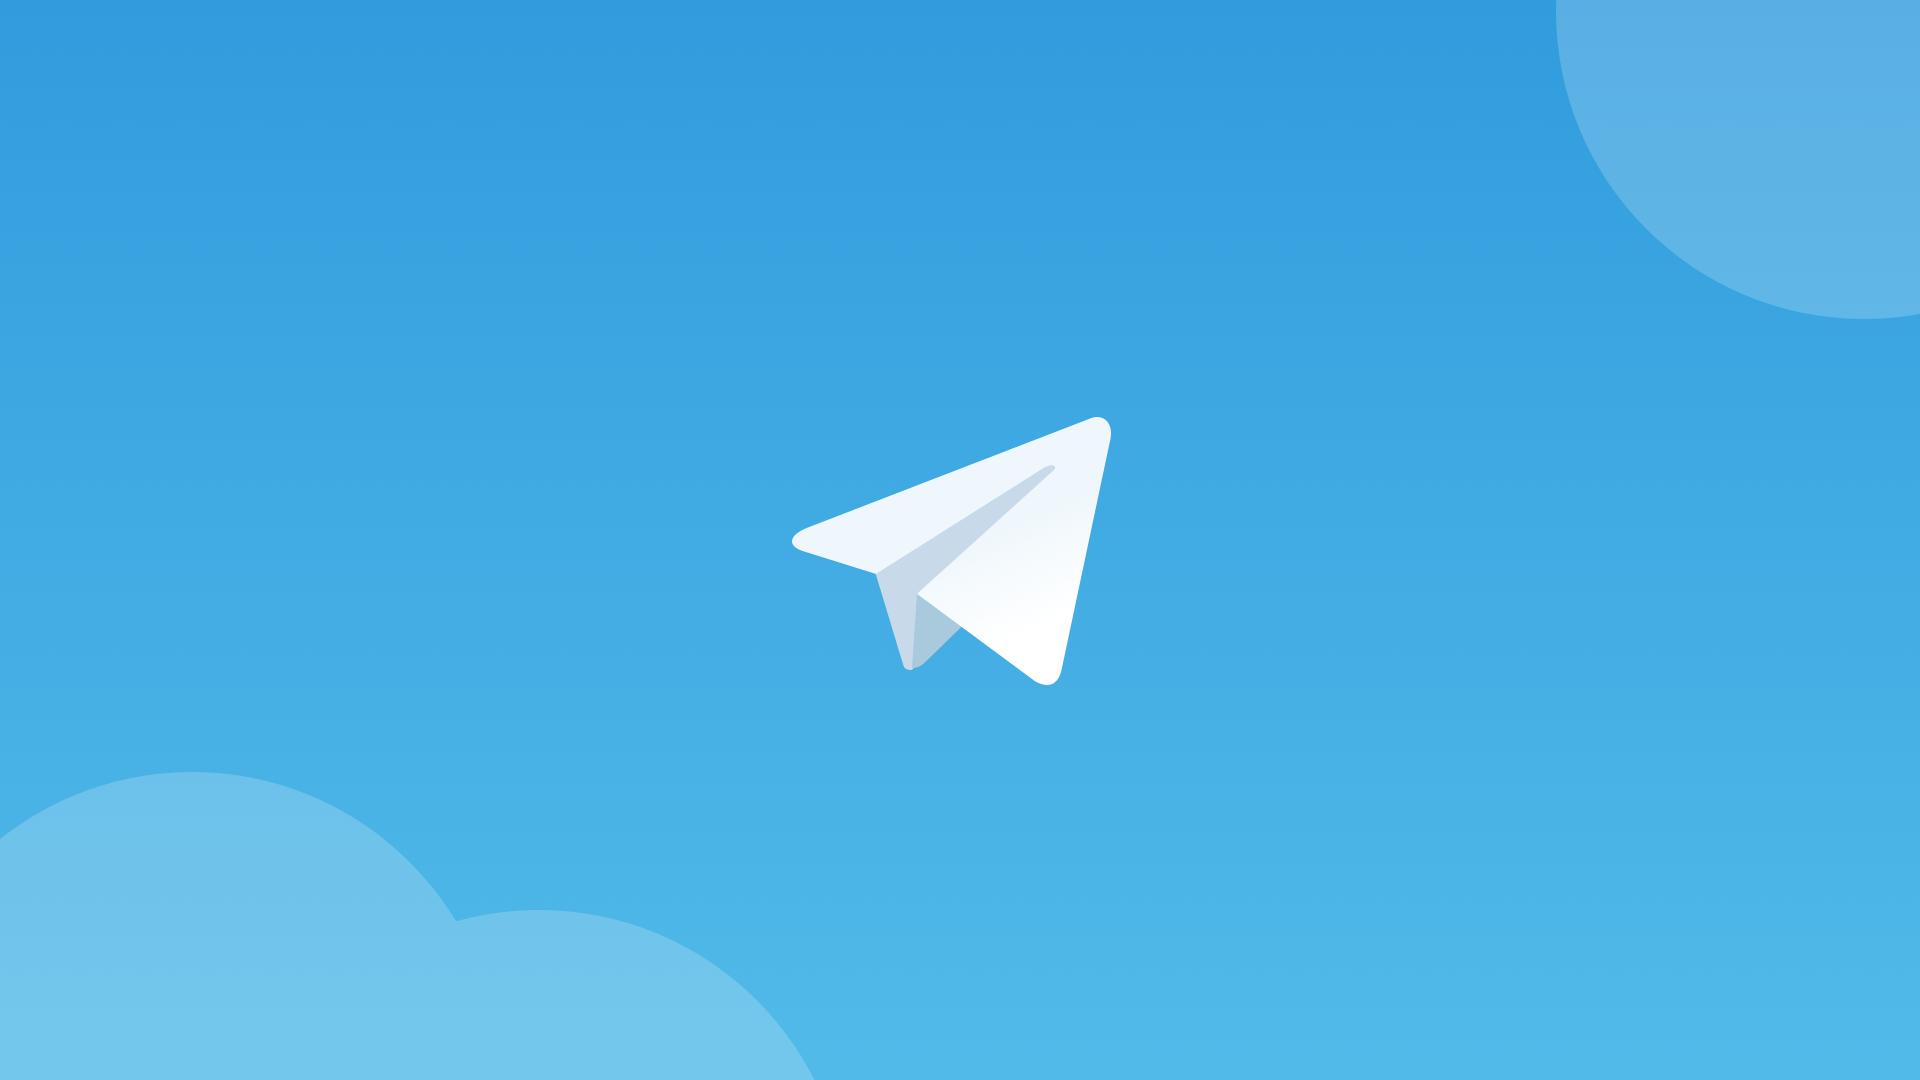 نیم نگاهی به قابلیت های نسخه جدید تلگرام